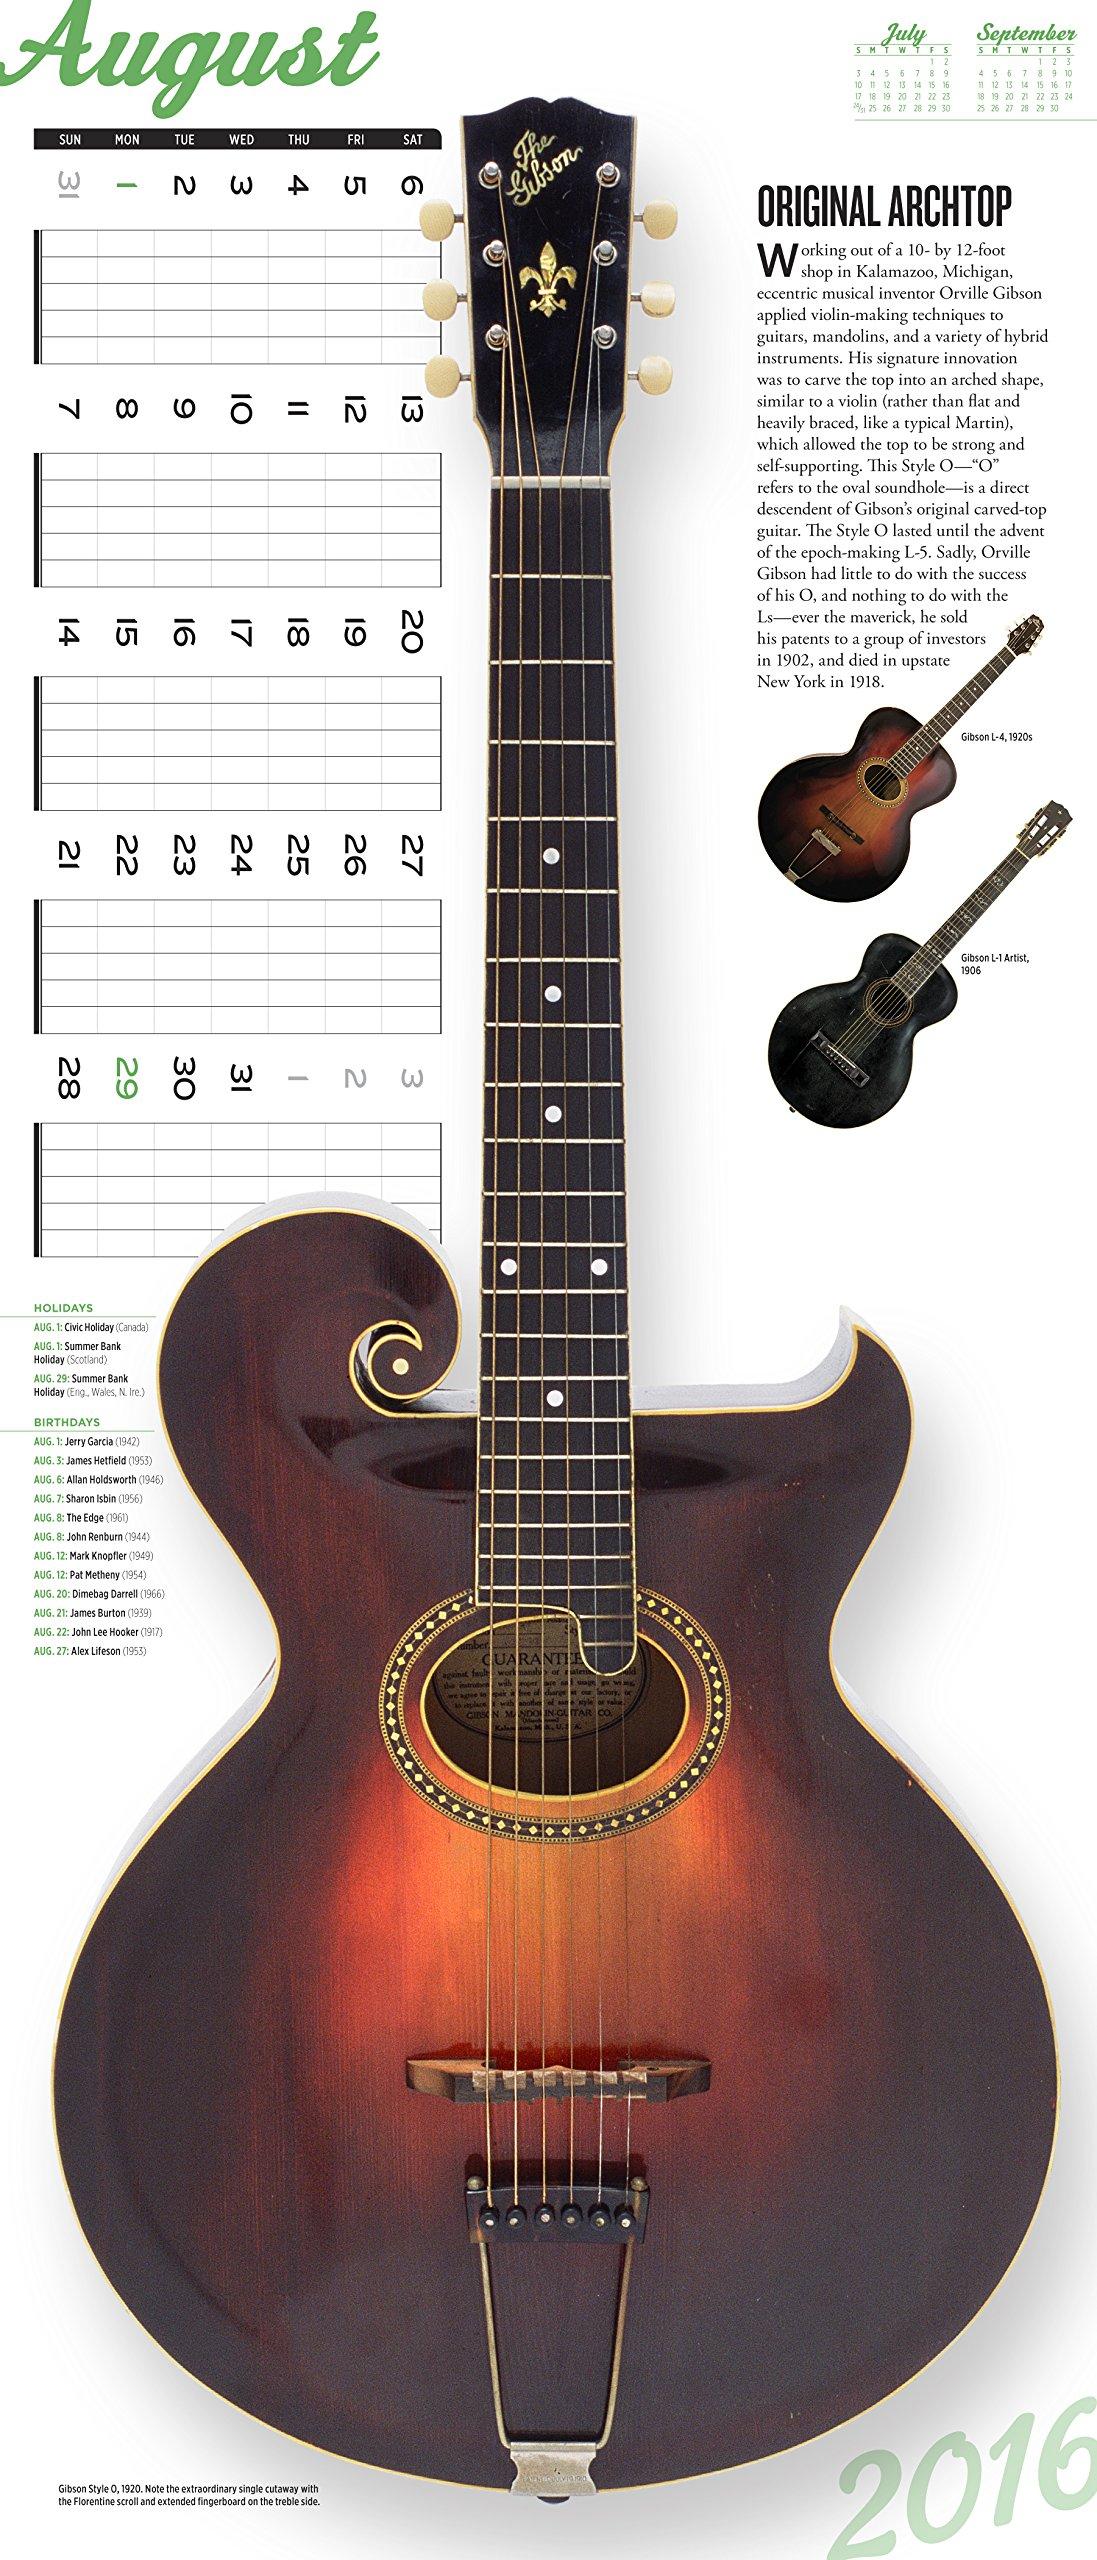 guitars wall calendar 2016 david schiller